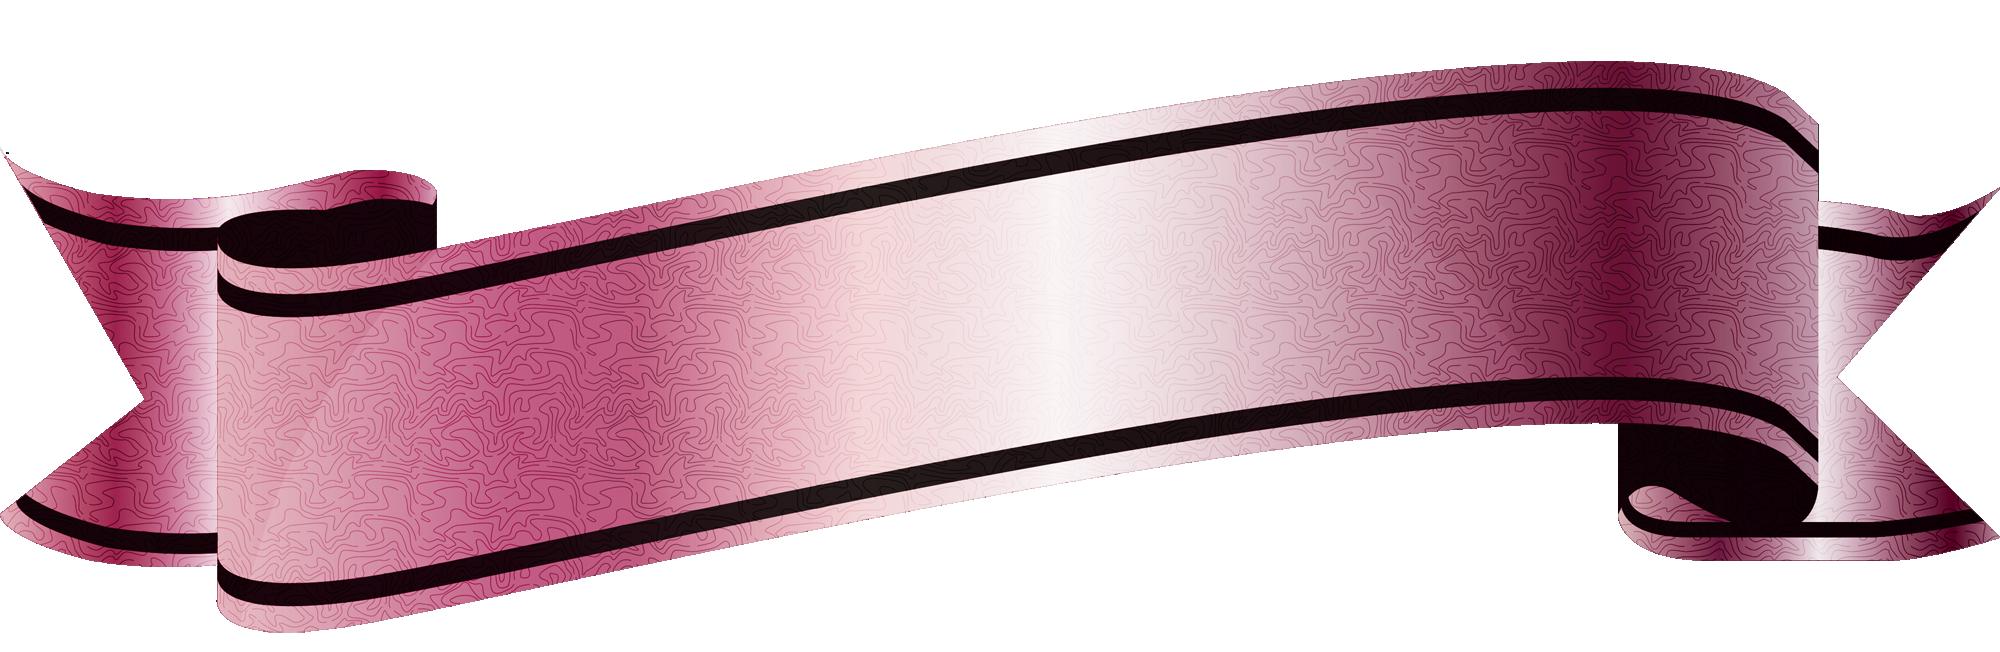 Sash Clip Art